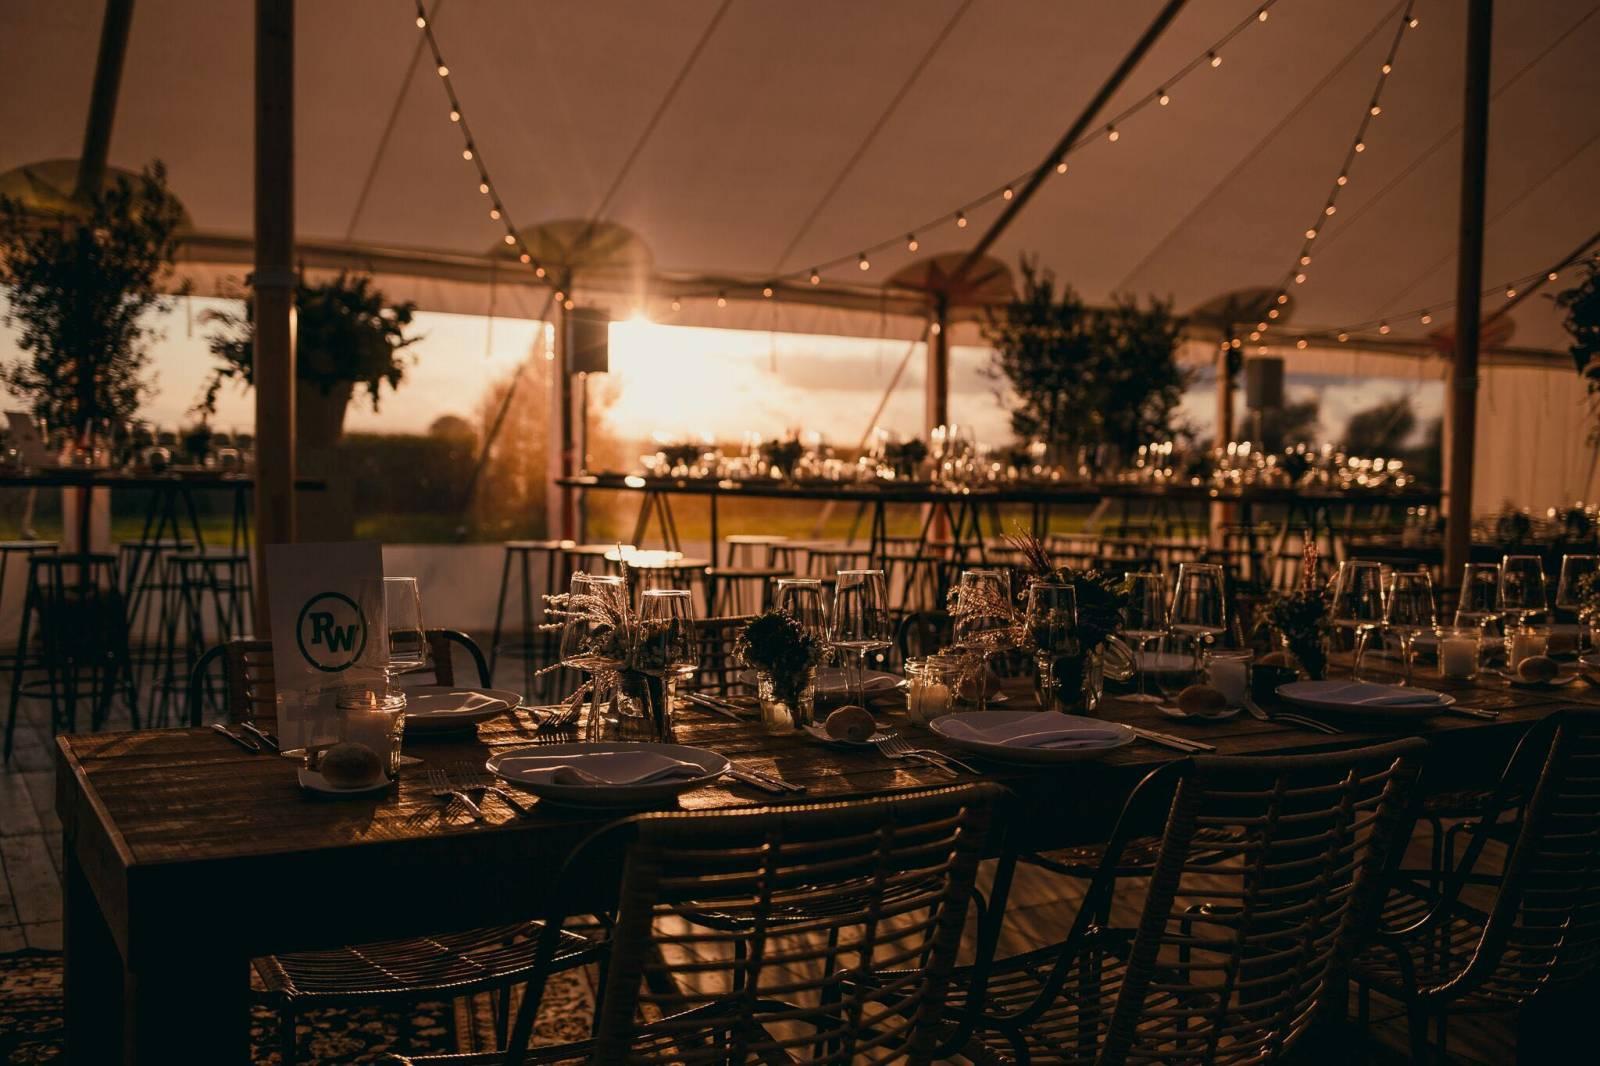 Altiro Tenten - Wedding Tent - Feesttent - Huwelijk trouw bruiloft - House of Weddings - 13